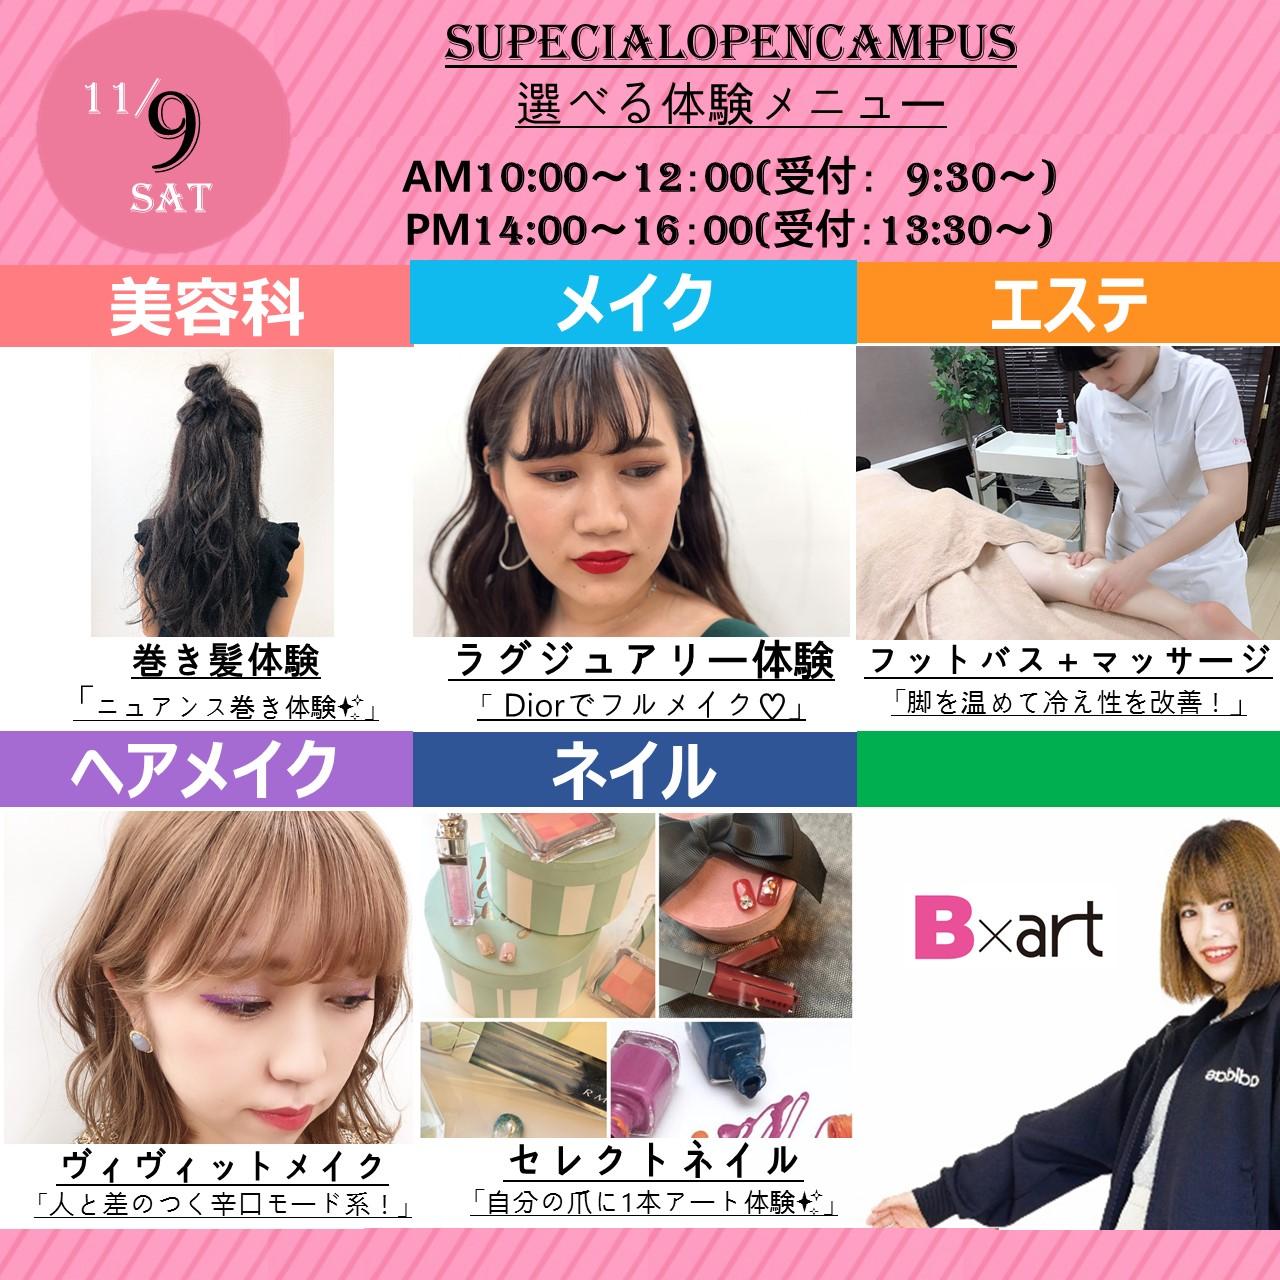 11月9日イベカレ用PPT フォーマット - 横VER.jpg